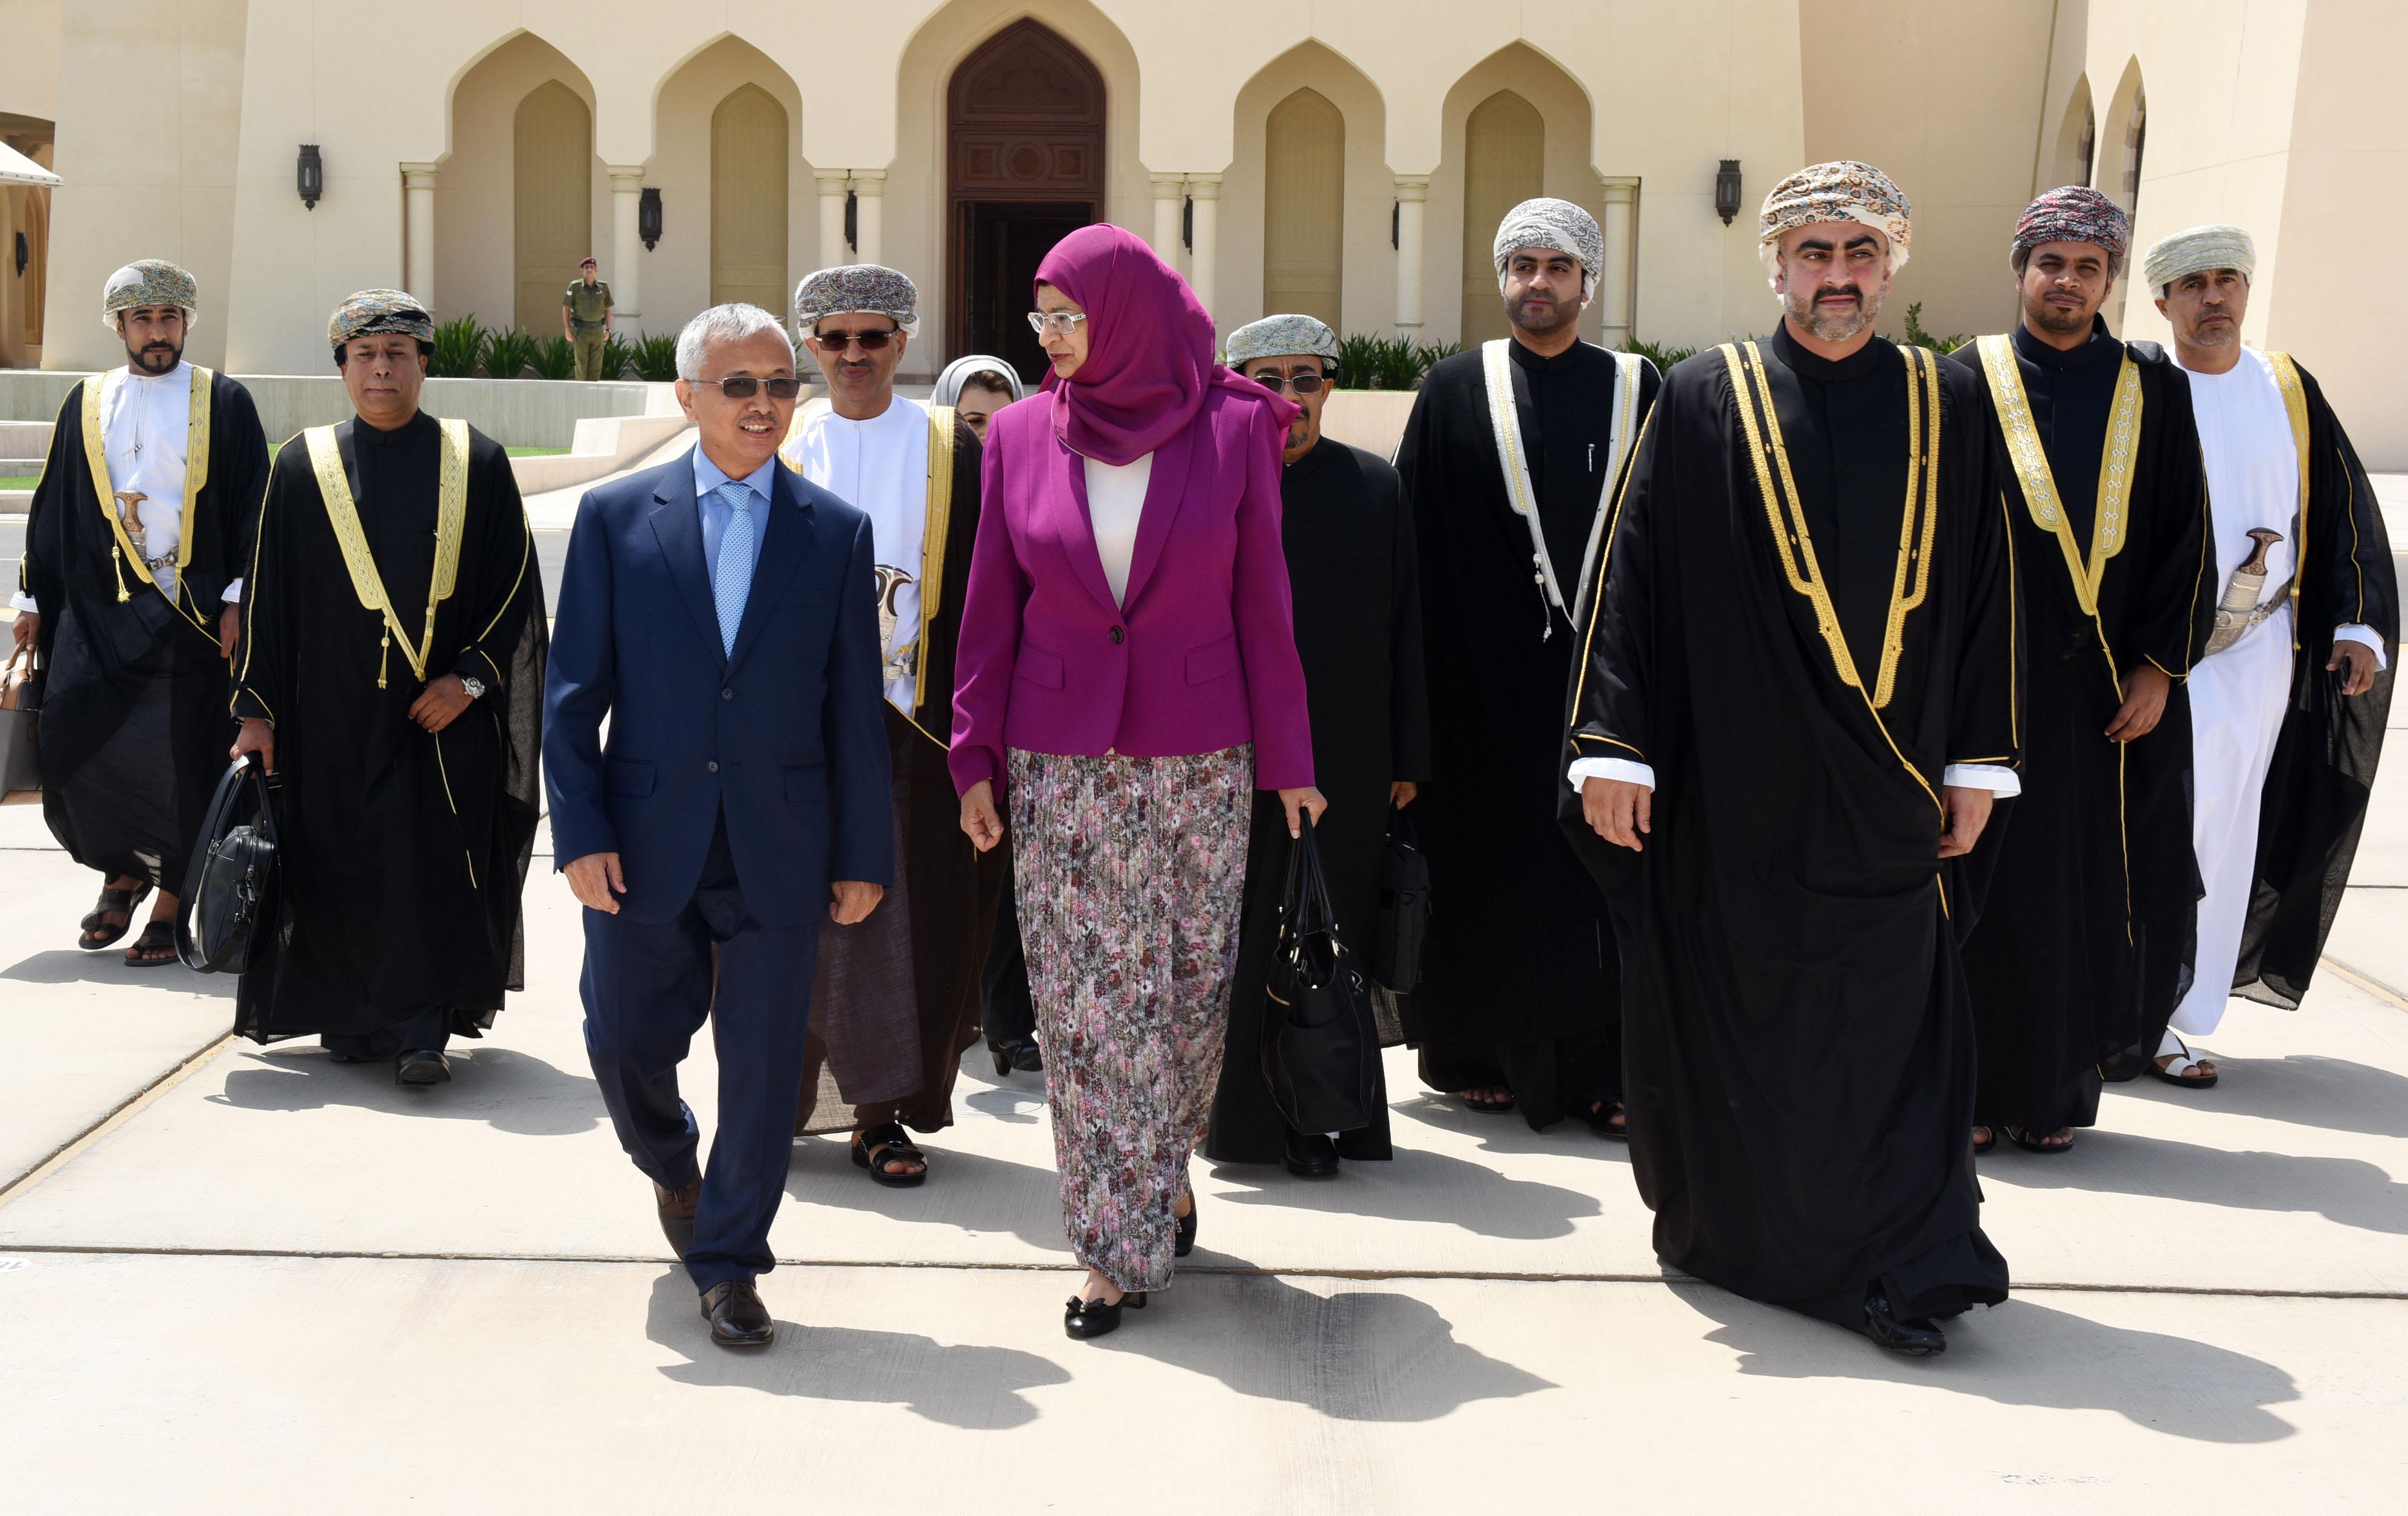 بتكليف من المقام السامي وزيرة التعليم العالي تشارك في القمة الأولى لمنظمة التعاون الإسلامي في العلوم والتكنولوجيا